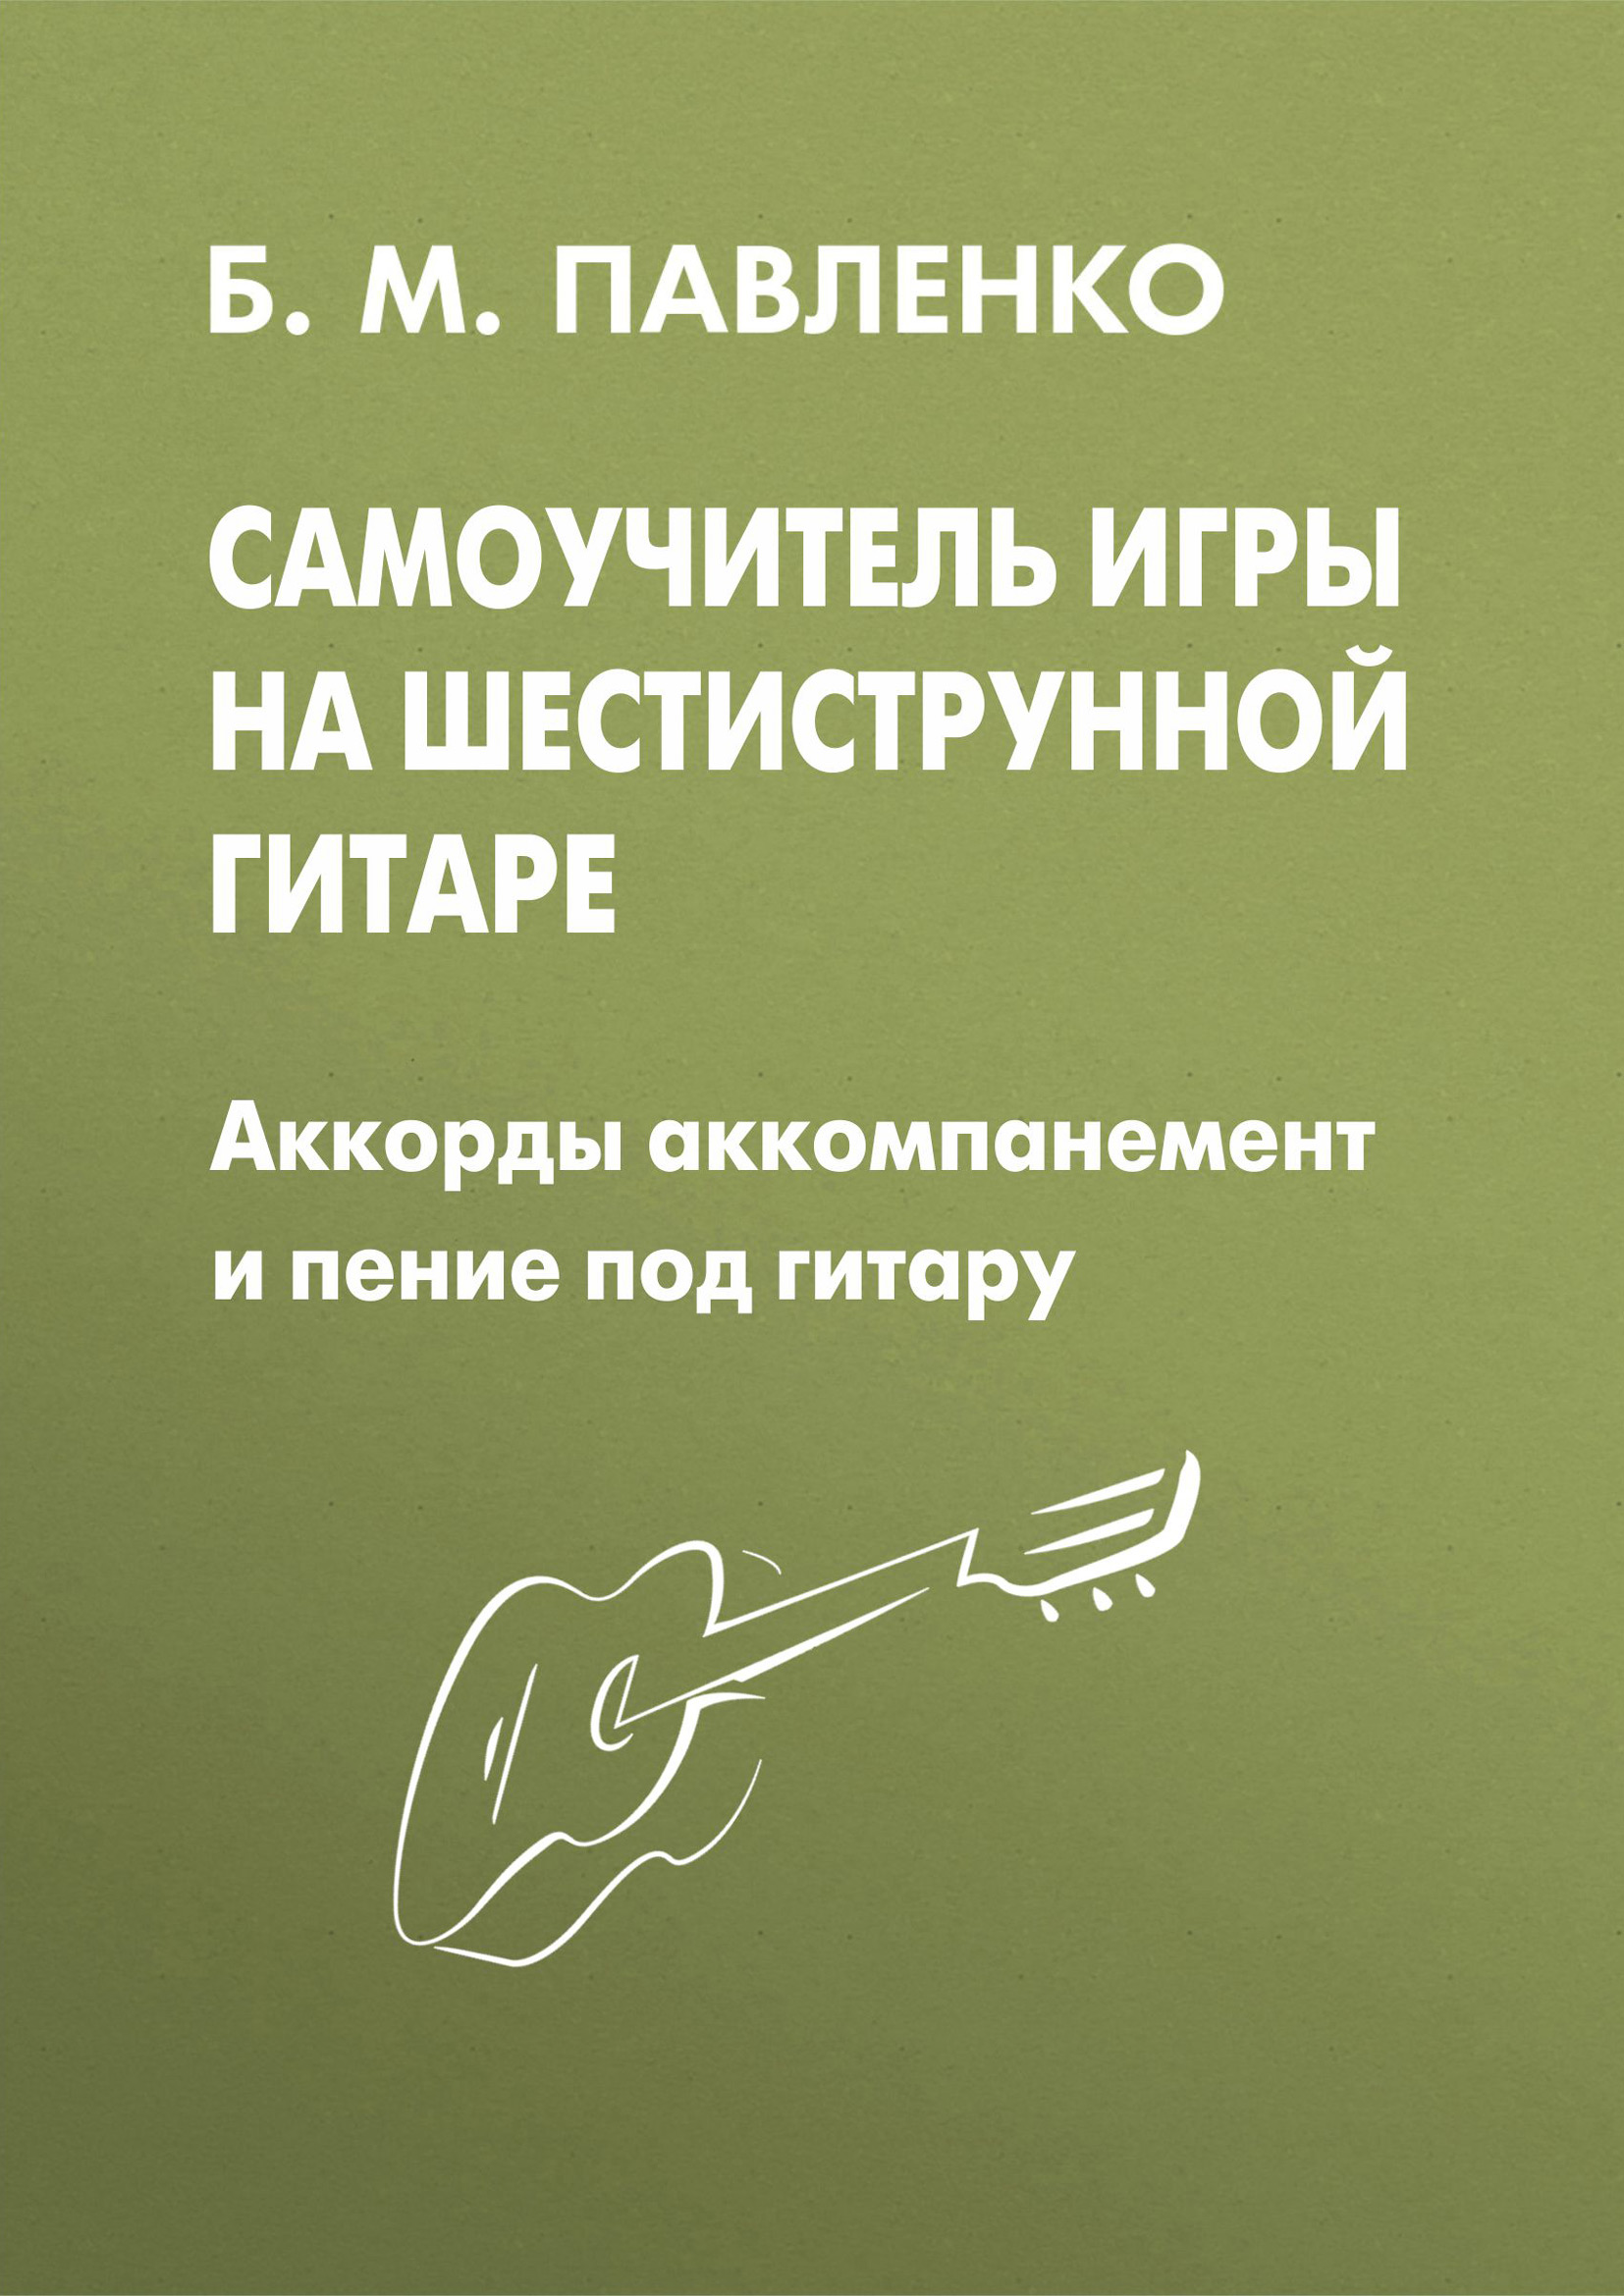 Б. М. Павленко Самоучитель игры на шестиструнной гитаре. Аккорды, аккомпанемент и пение под